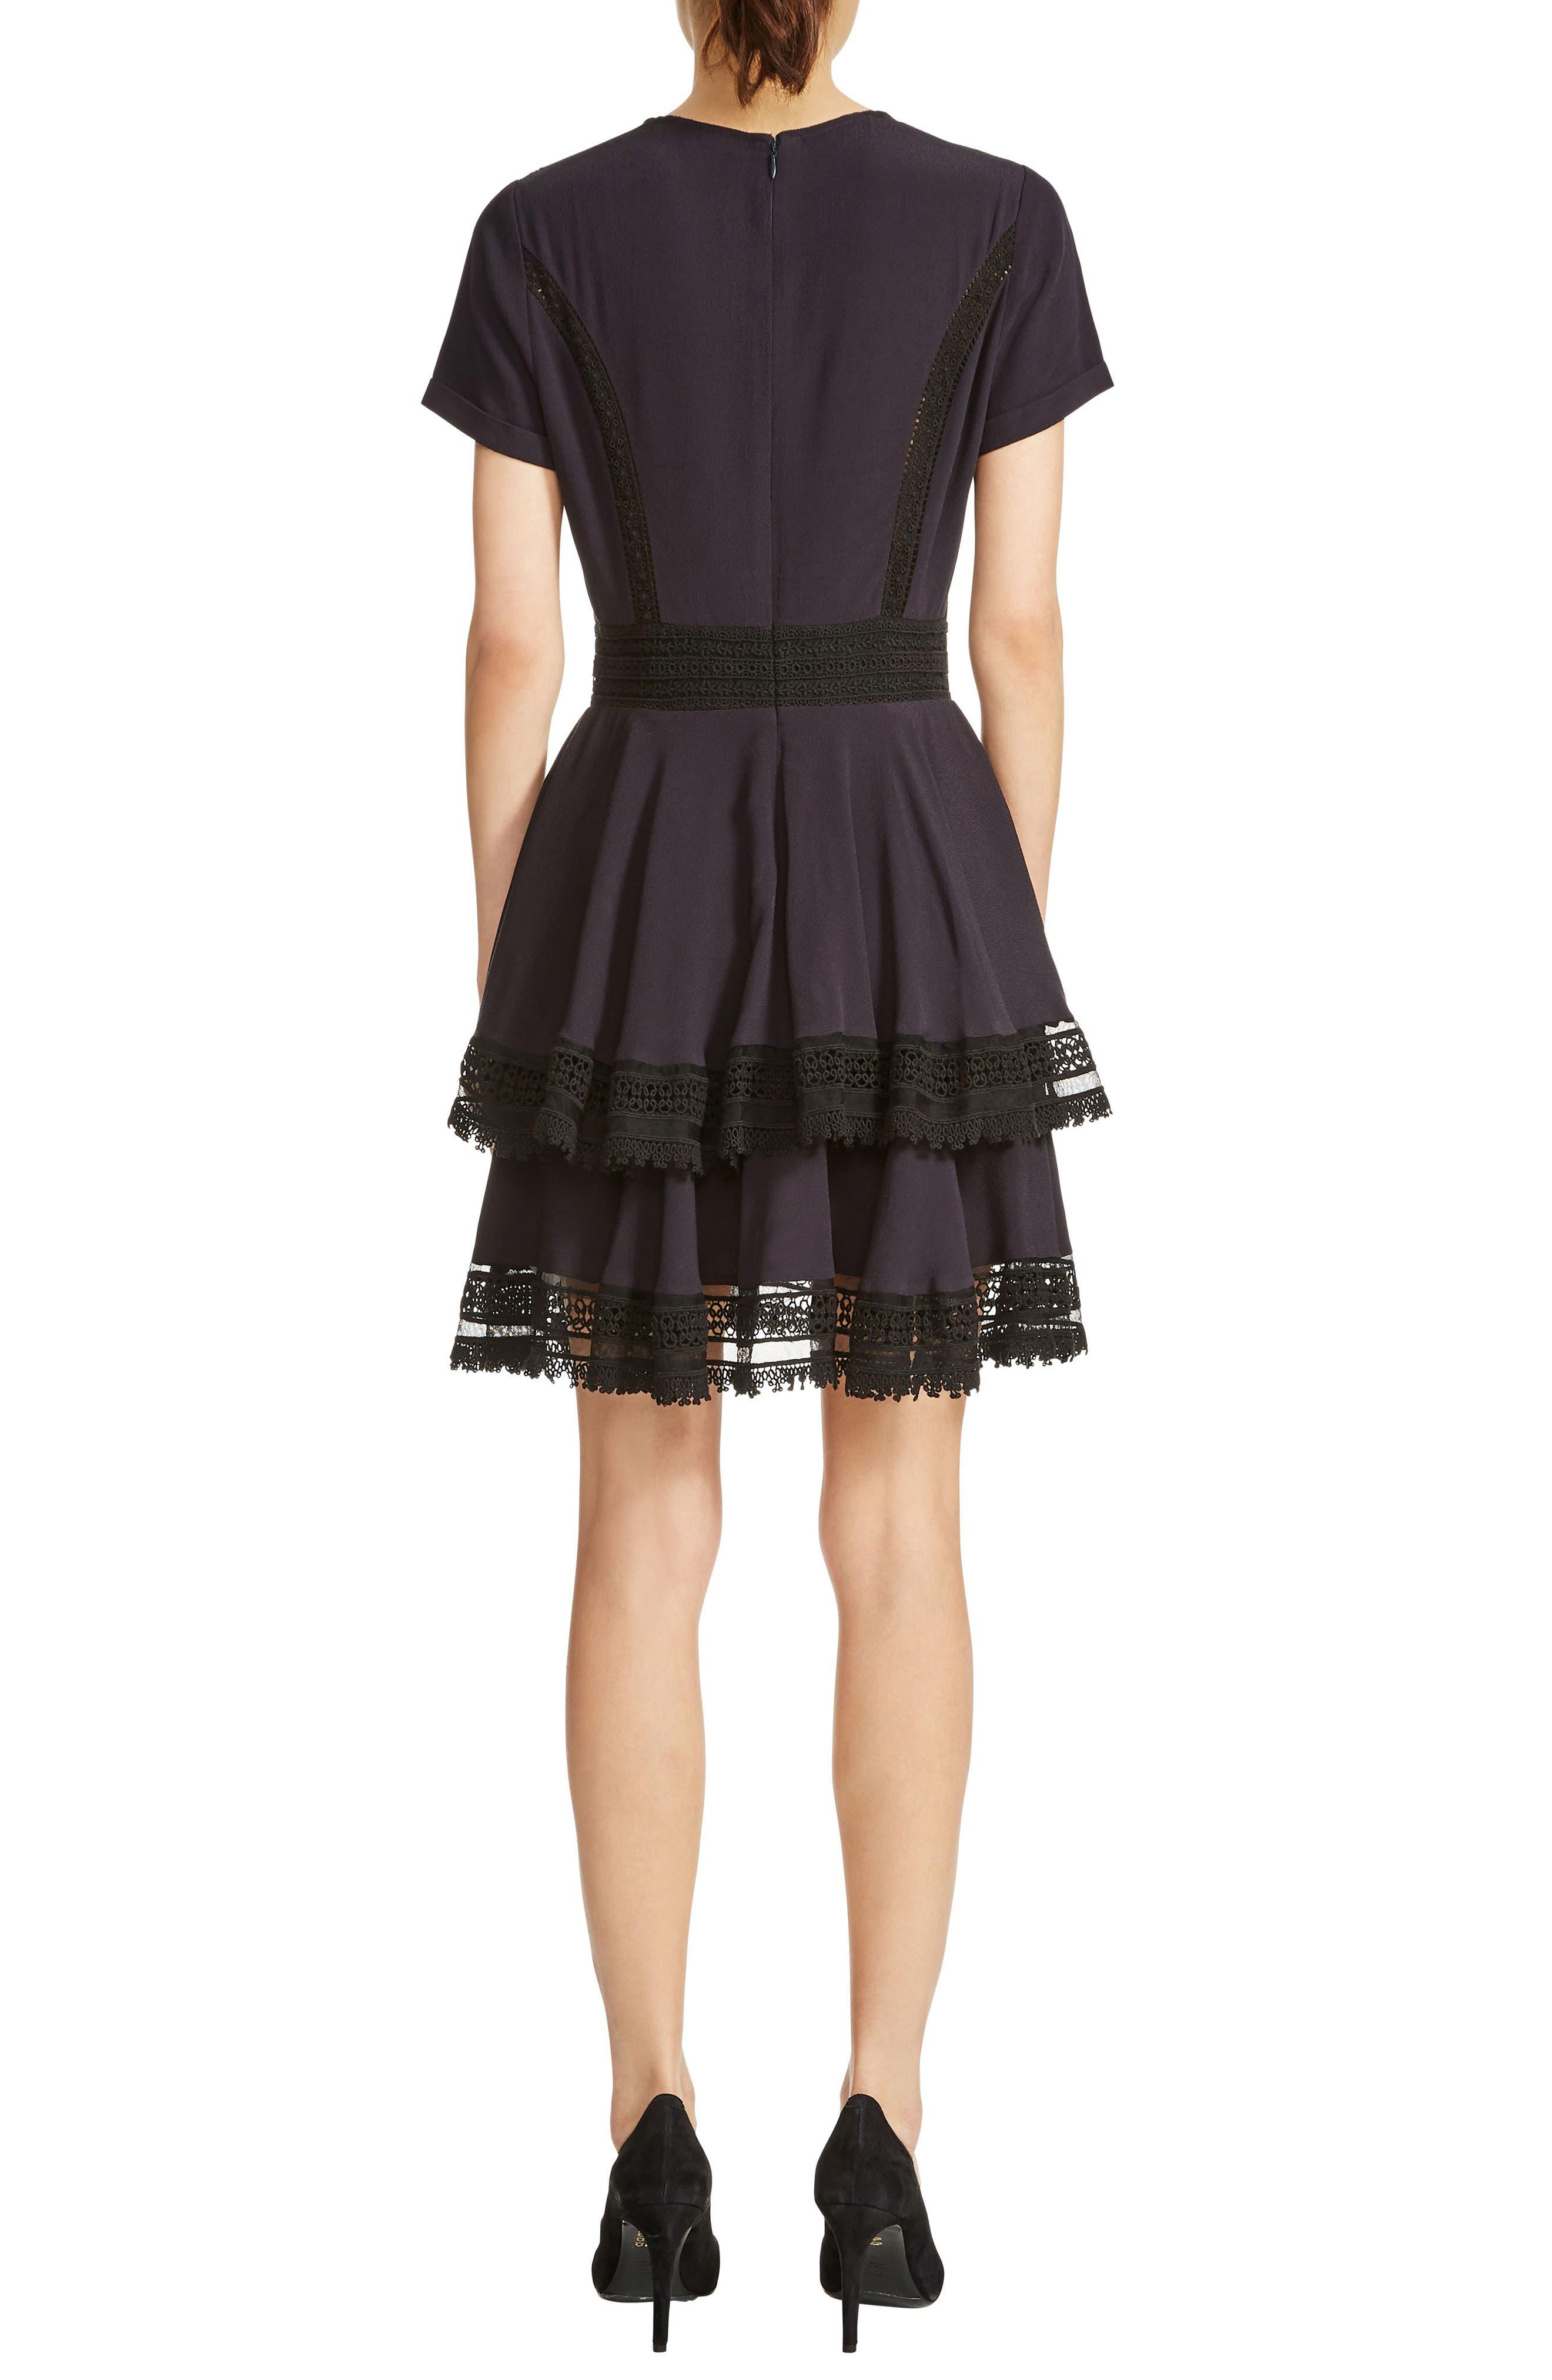 Raglia Lace Inset Mini Dress,                             Alternate thumbnail 2, color,                             400